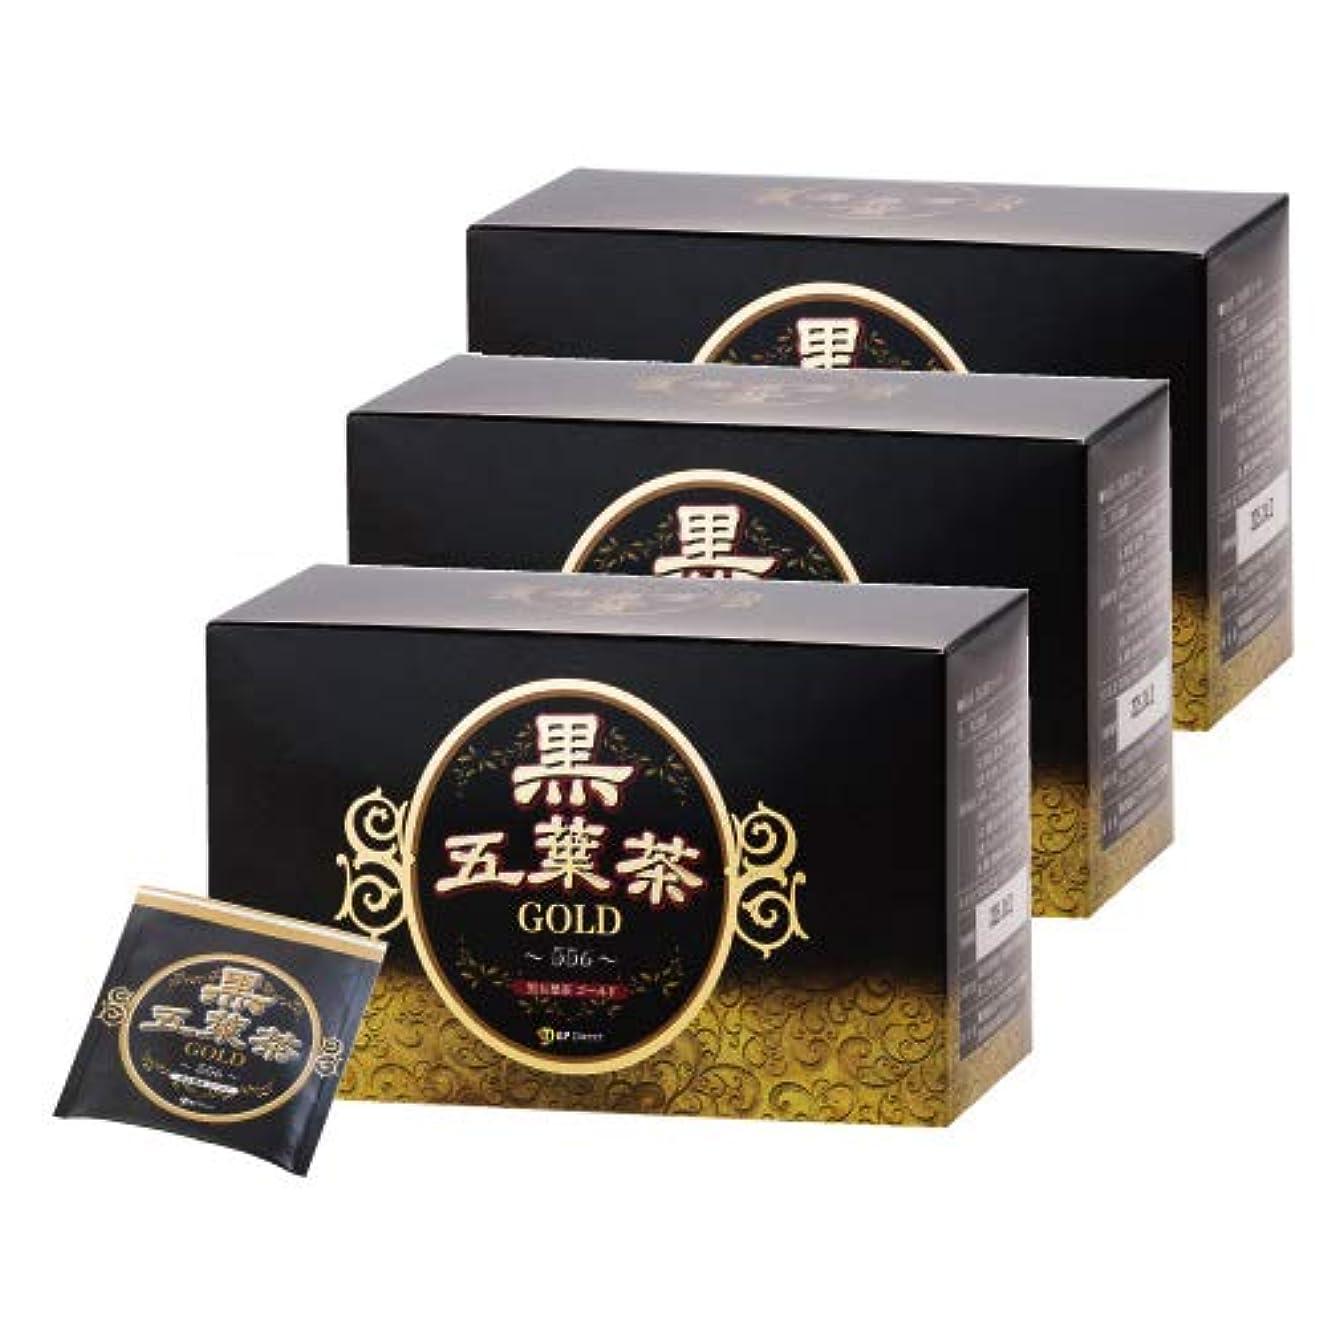 ブロンズ補う高価な黒五葉茶ゴールド 30包 3箱セット ダイエット ダイエット茶 ダイエットティー ハーブティー 難消化性デキストリン